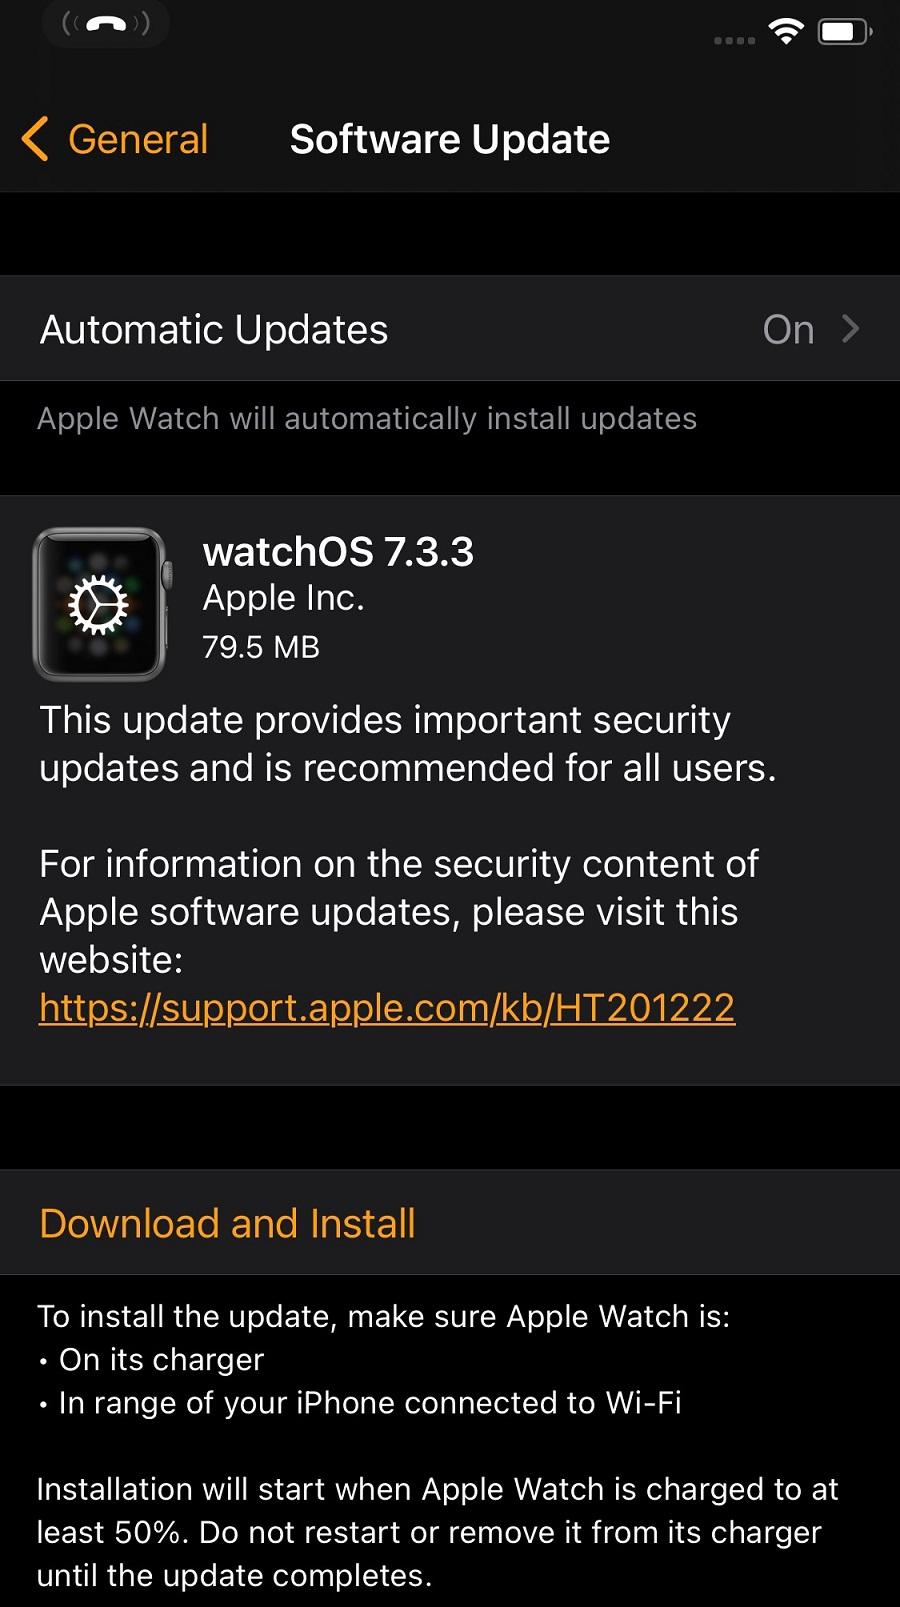 watchOS 7.3.3 Features